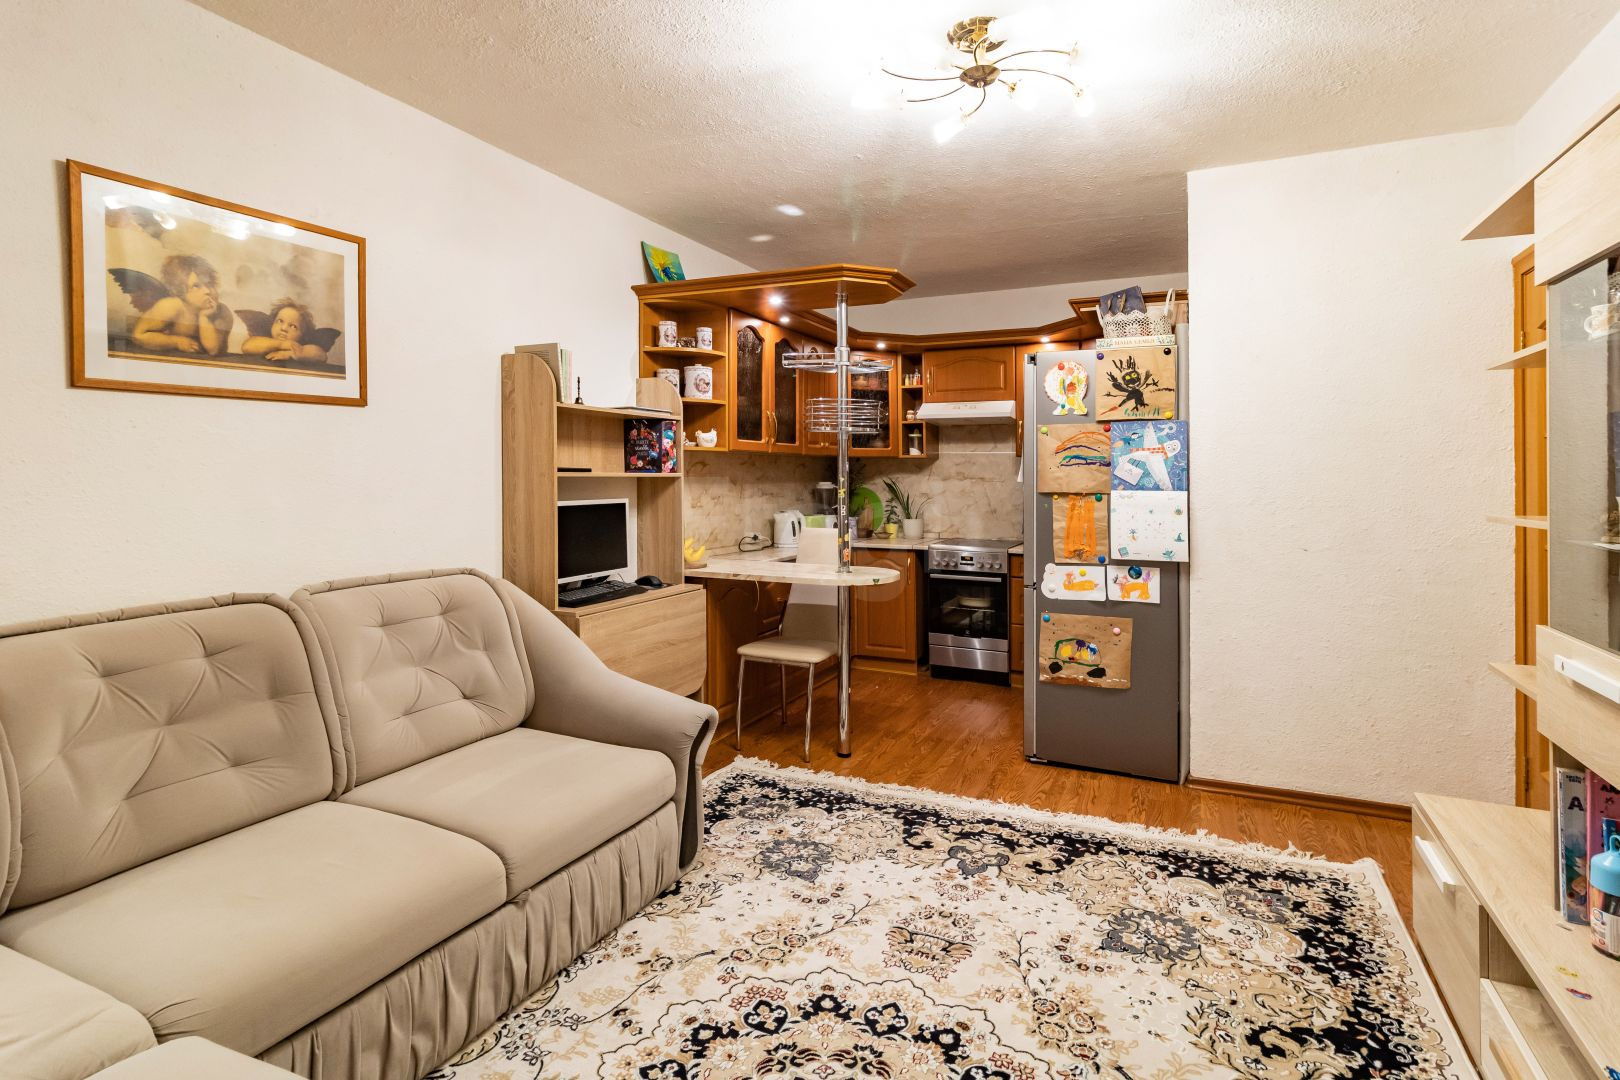 Как можно взять кредит чтобы купить квартиру лучшие потребительские кредиты для пенсионеров где получить